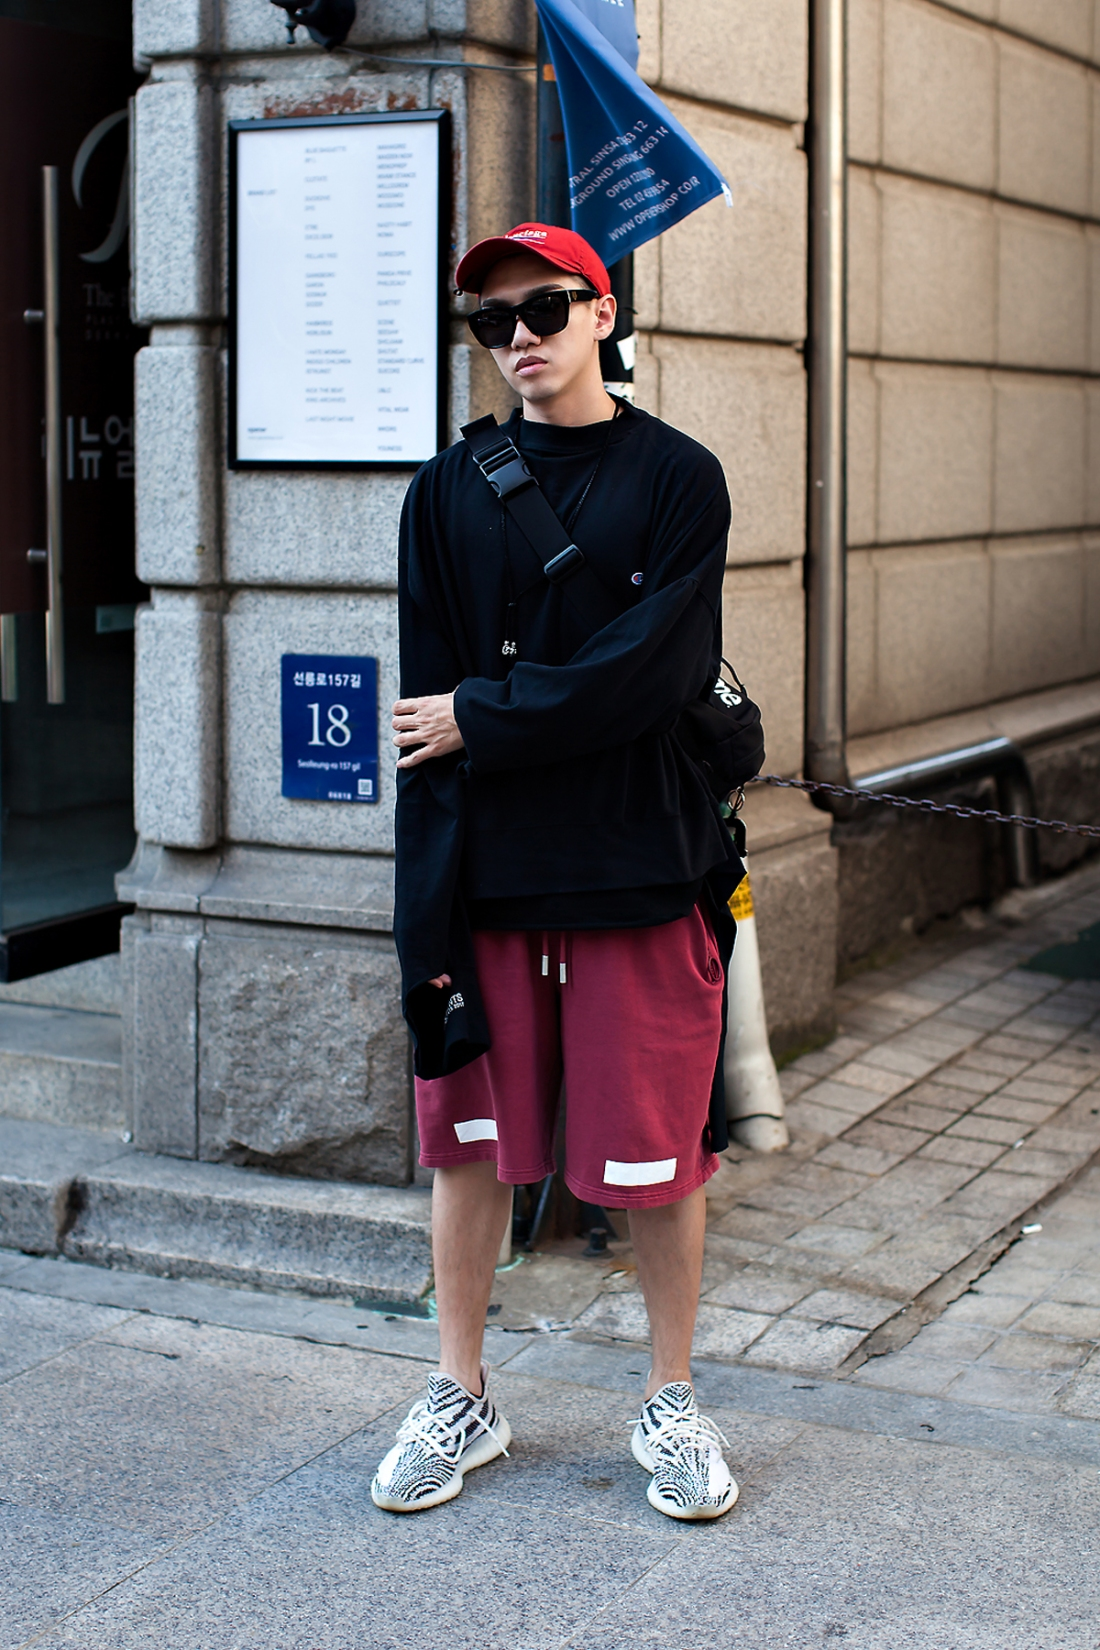 Travischen, Street Fashion 2017 in Seoul.jpg